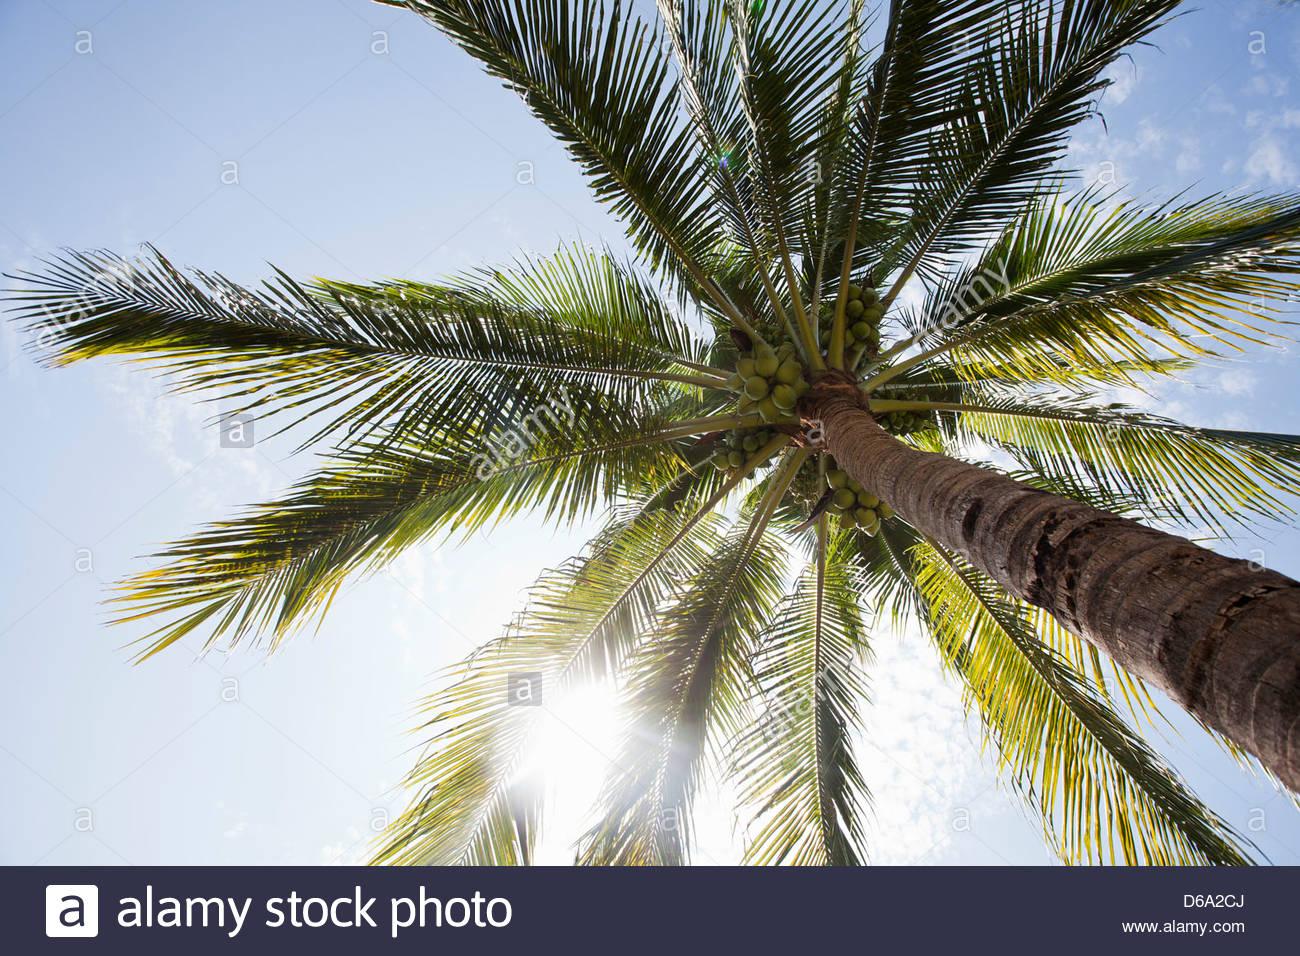 Ángulo de visión baja de palmera Imagen De Stock